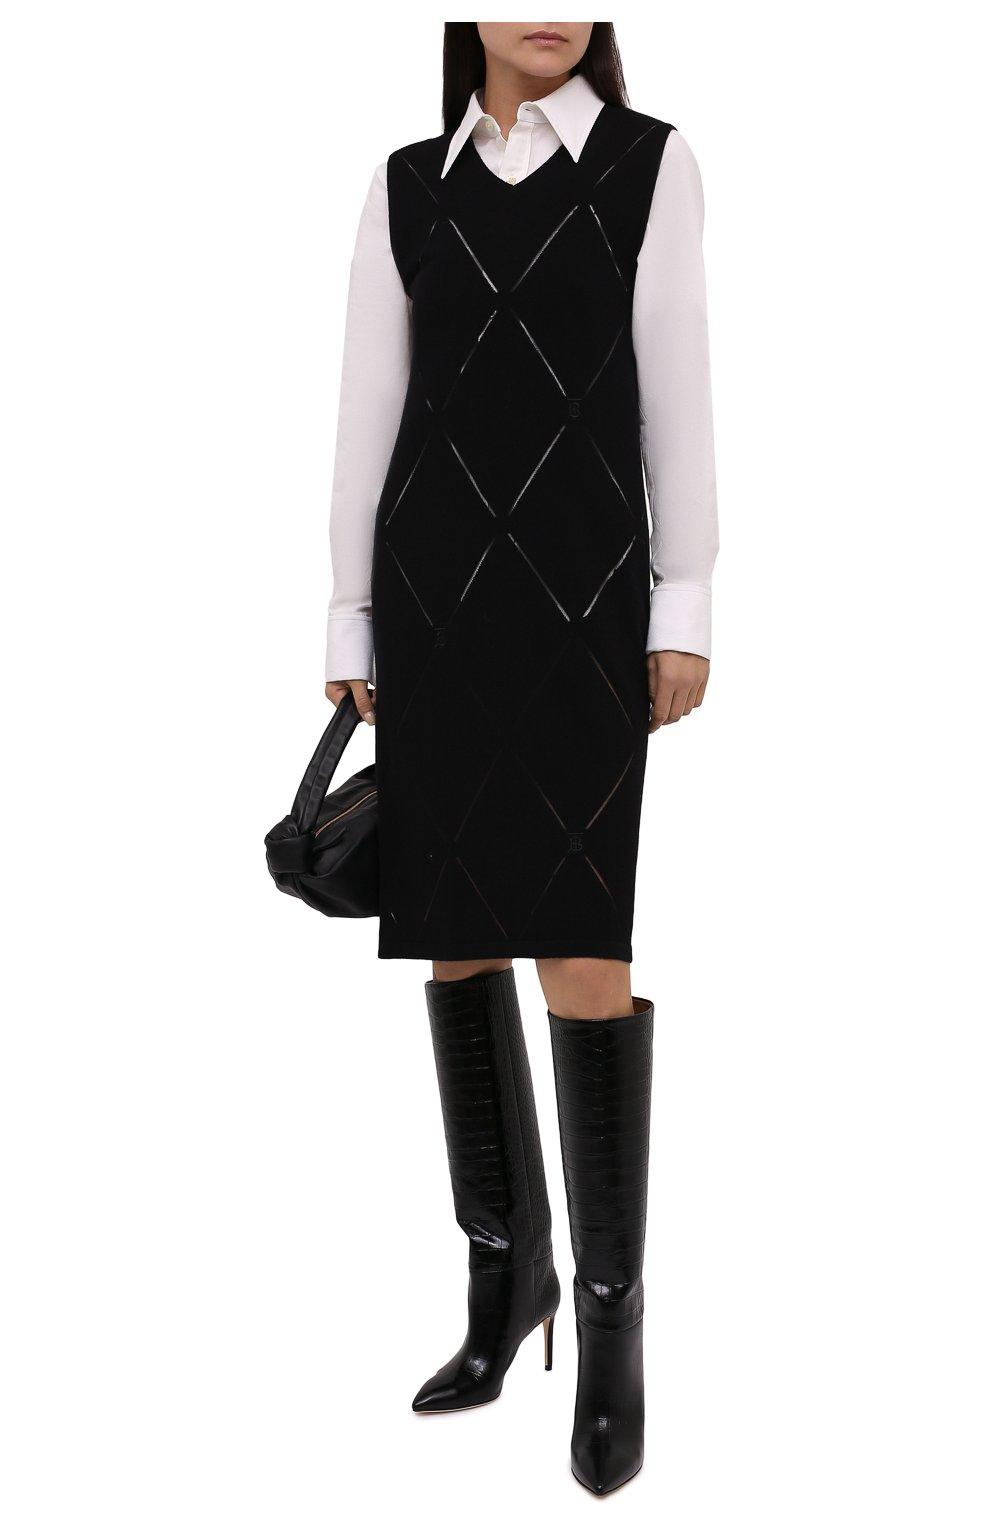 Женское шерстяное платье BURBERRY черного цвета, арт. 8044759   Фото 2 (Материал внешний: Шерсть; Случай: Повседневный; Кросс-КТ: Трикотаж; Длина Ж (юбки, платья, шорты): До колена; Женское Кросс-КТ: Платье-одежда; Стили: Кэжуэл)